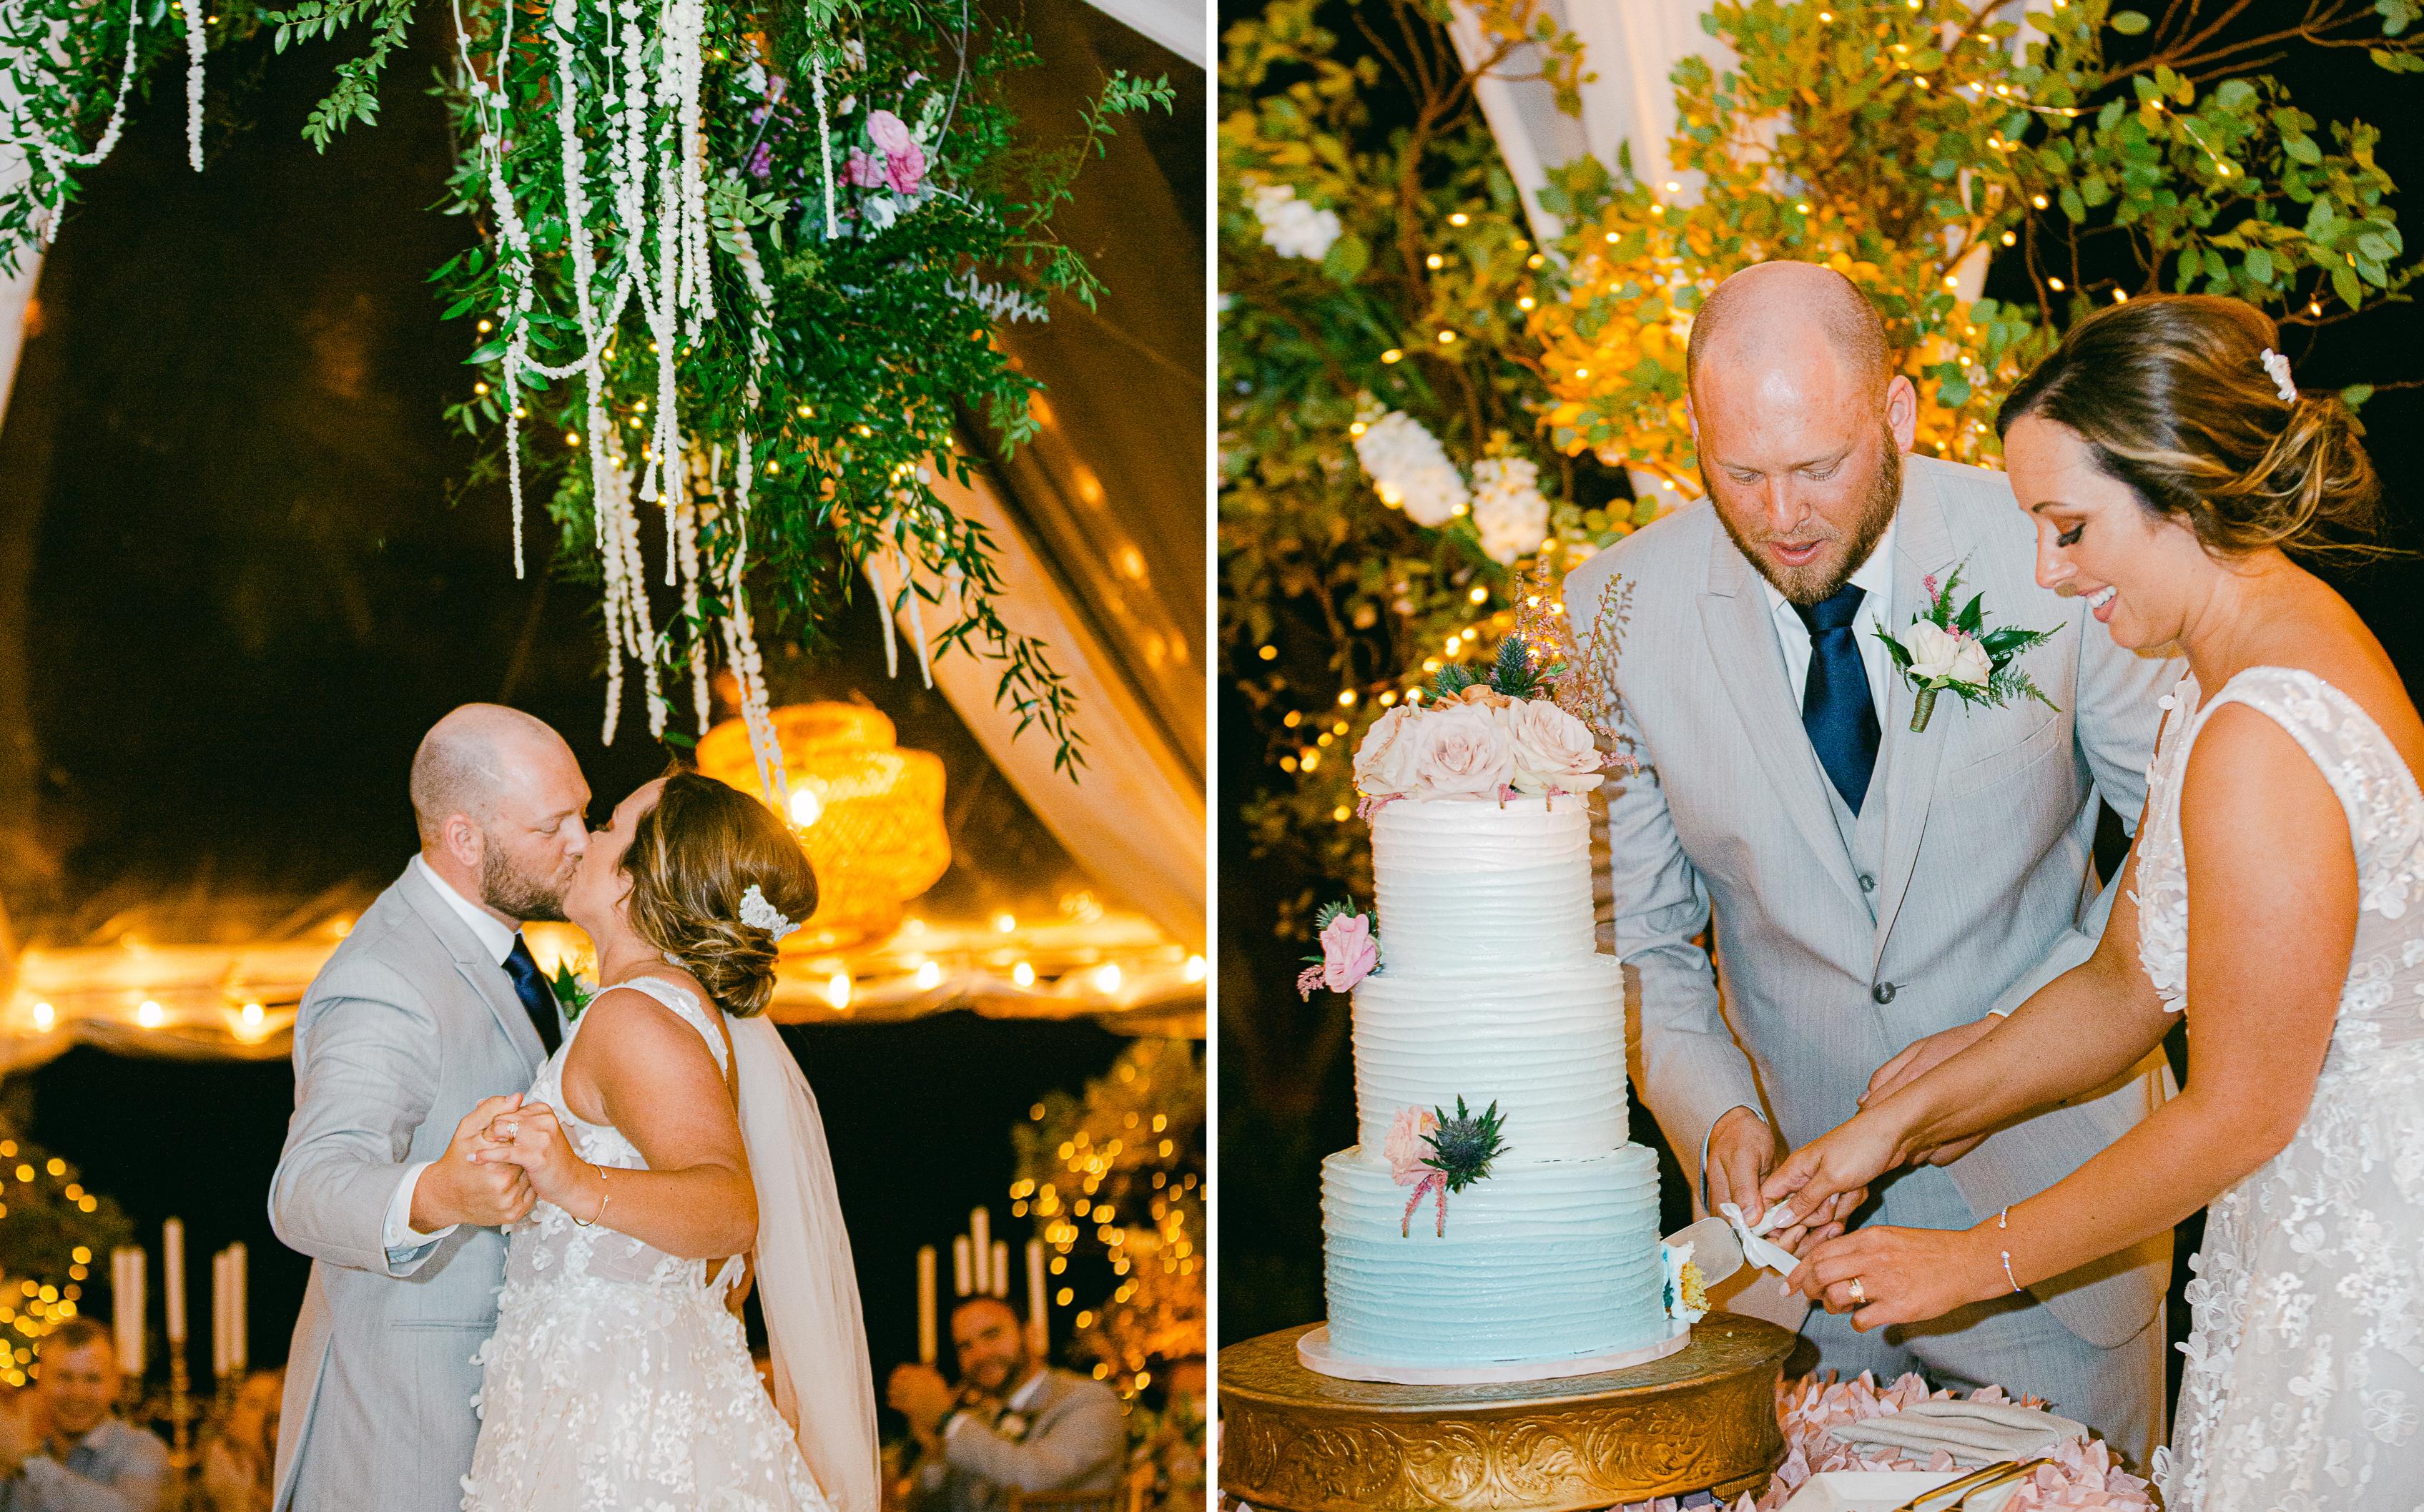 Key-West-Beach-Beach-Wedding-24